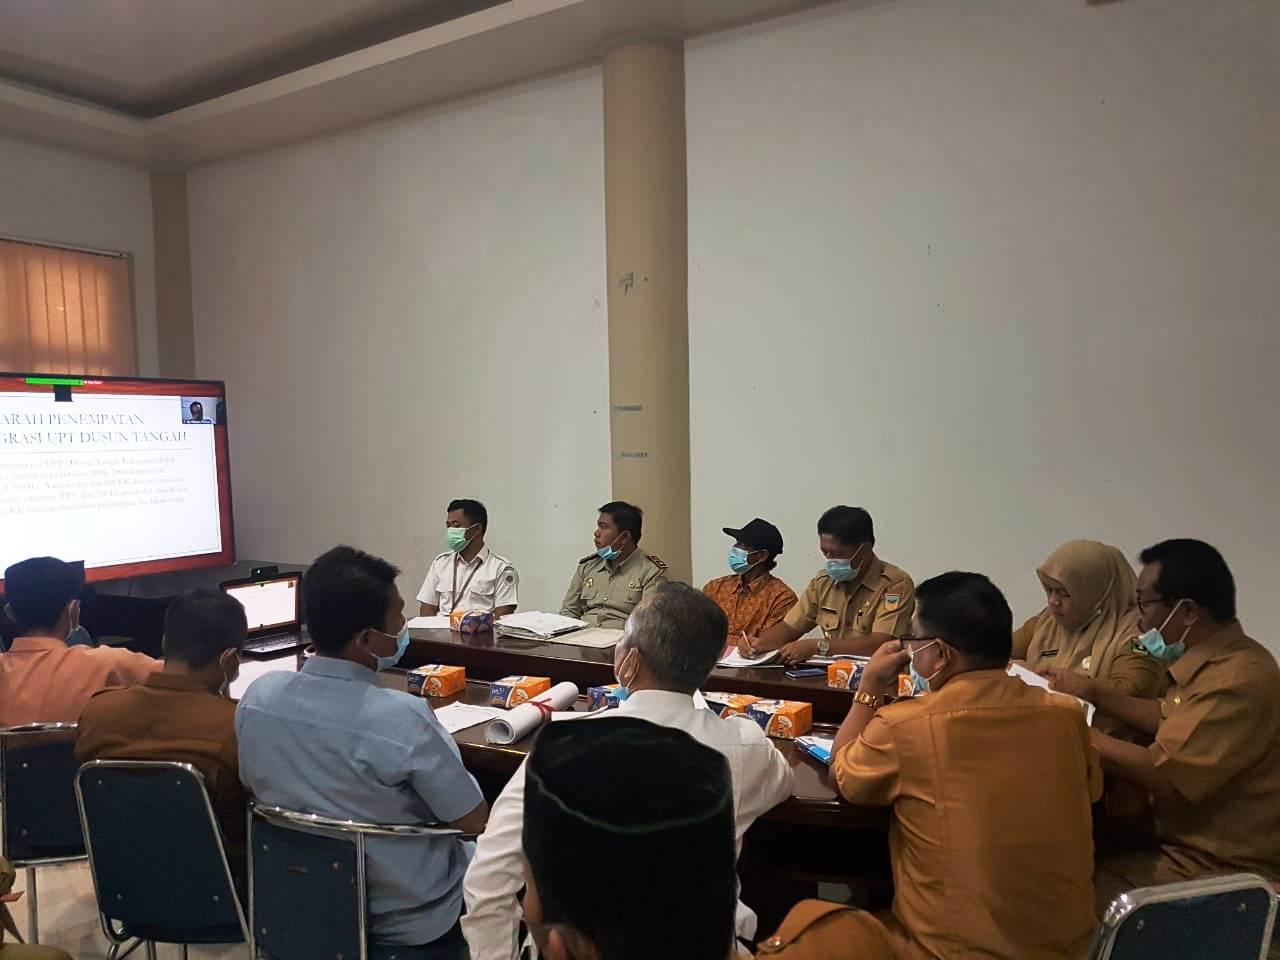 Rapat penyelesaian permasalahan pertanahan transmigrasi (ex UPT Dusun Tangah Kab Solok Selatan),